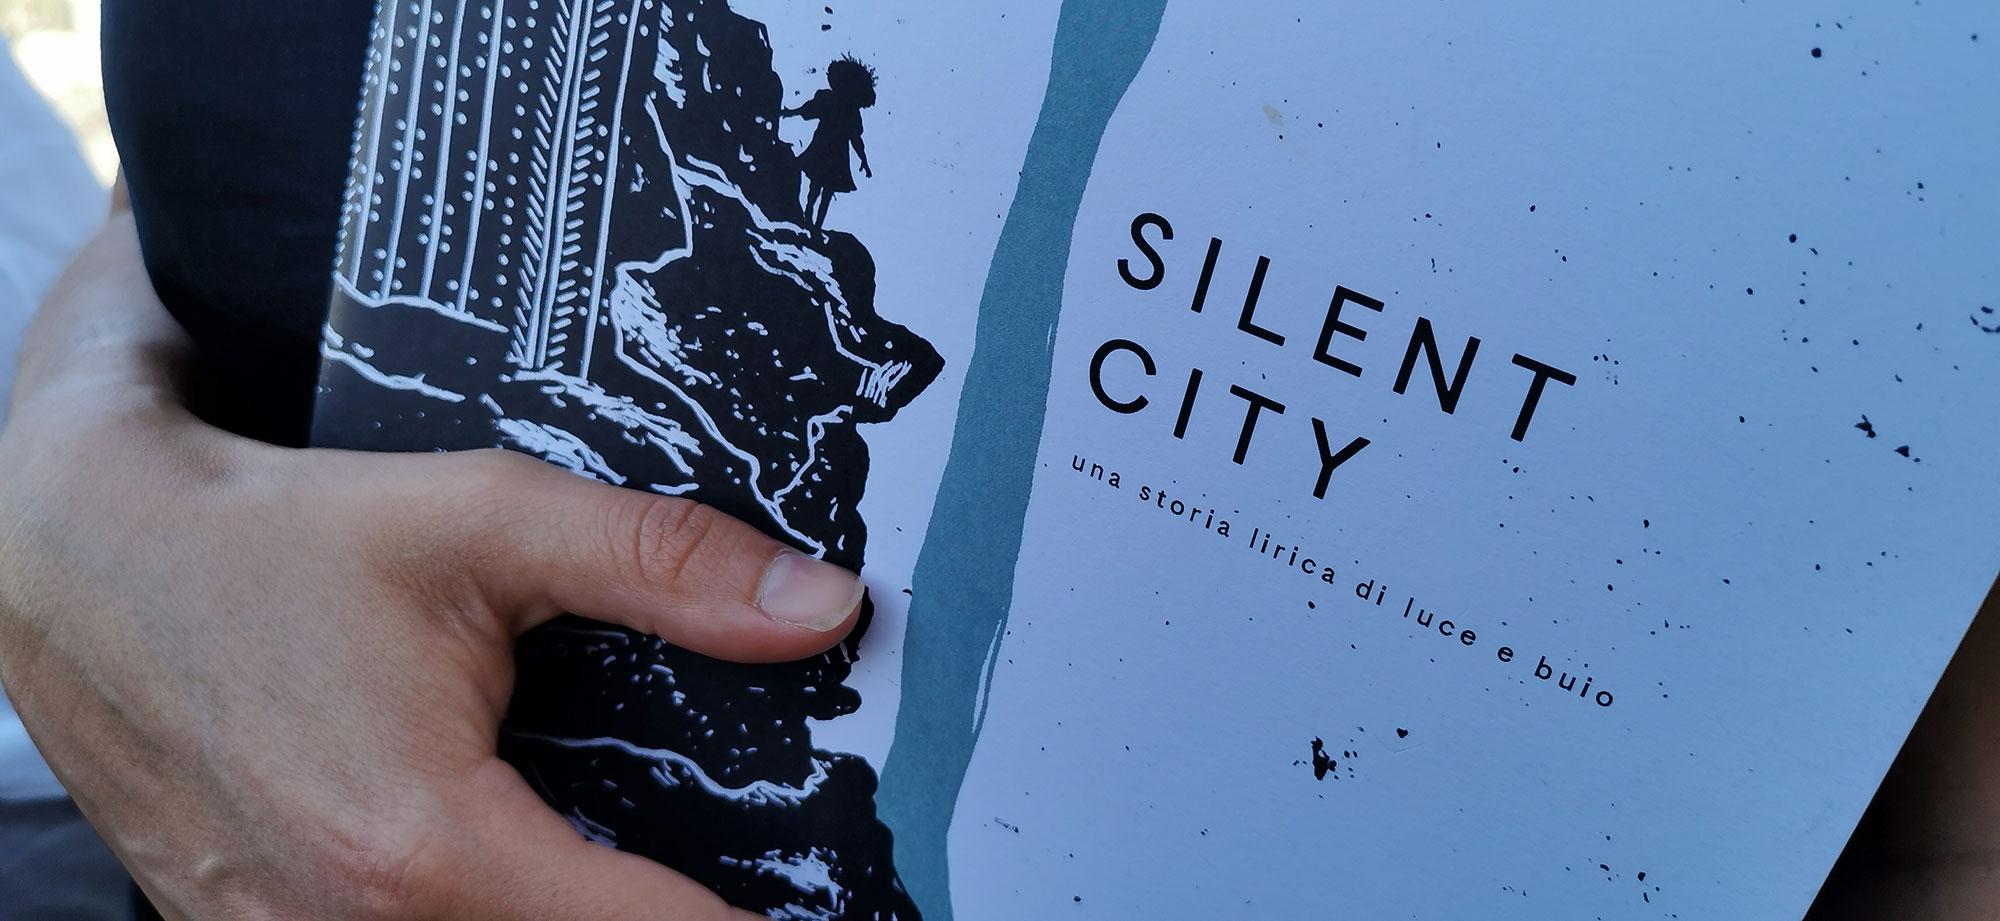 Alla scoperta dell'esperienza di Silent City a Matera